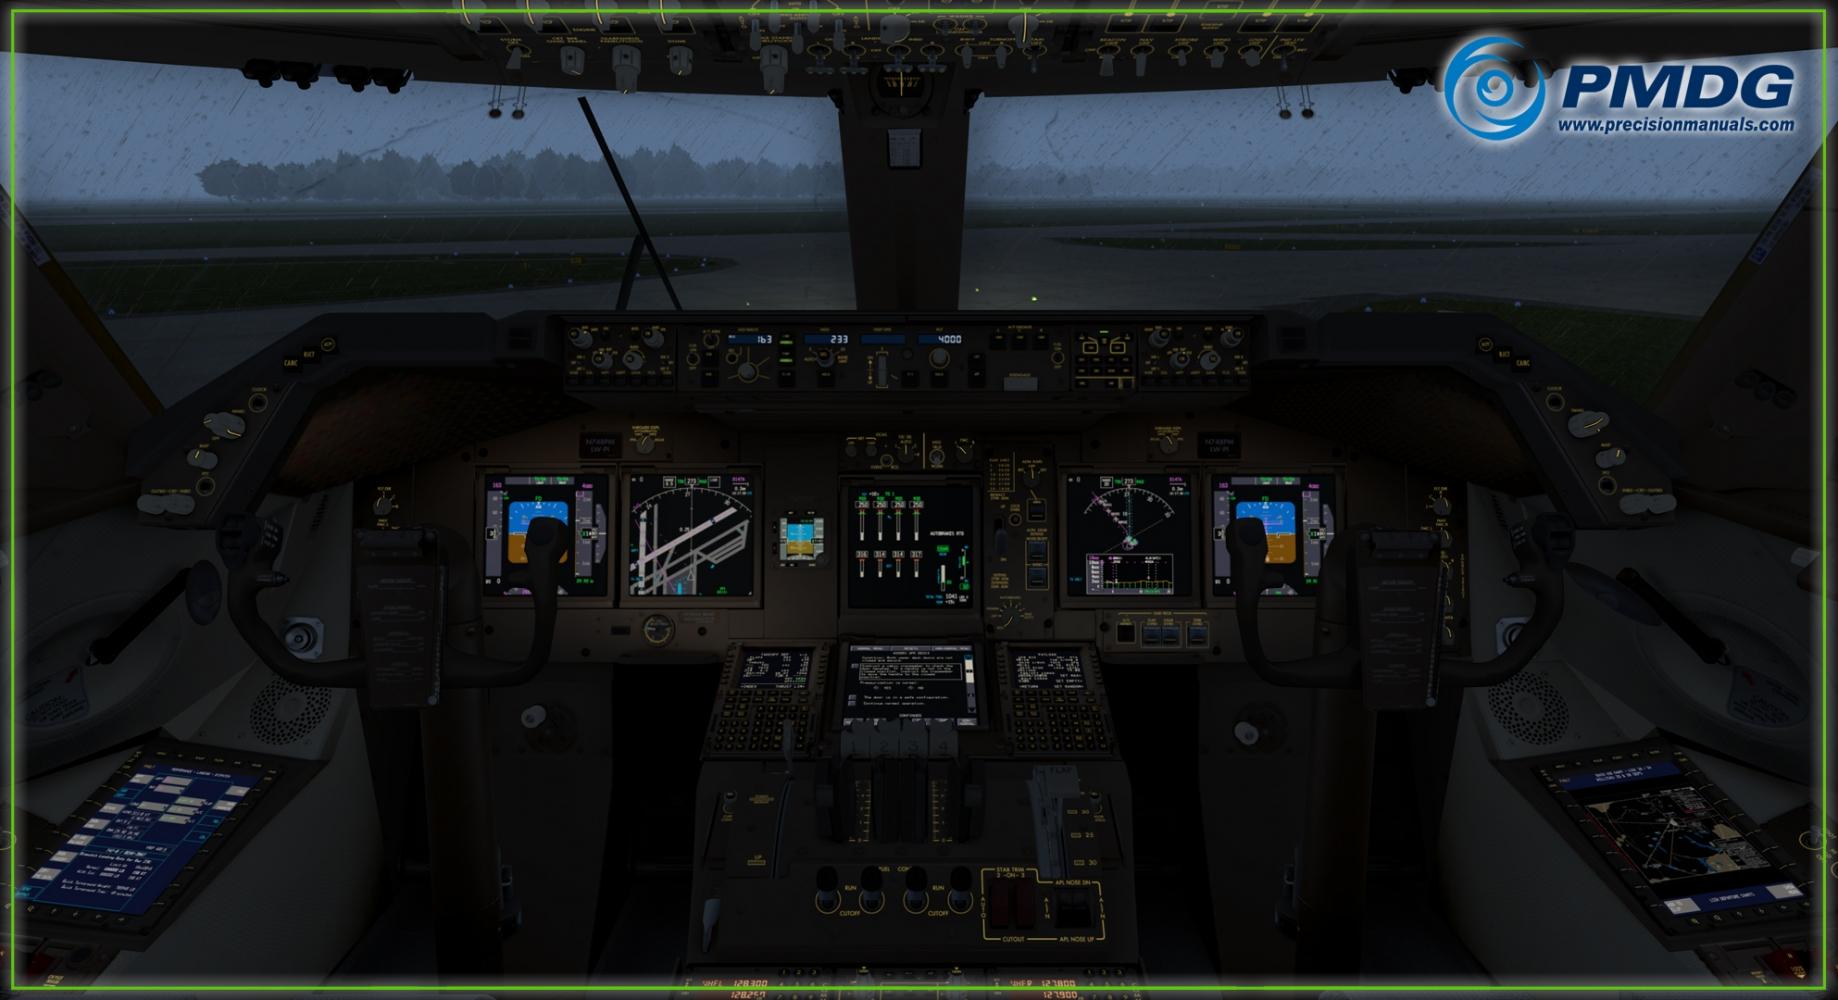 PMDG_748_Cockpit.jpg